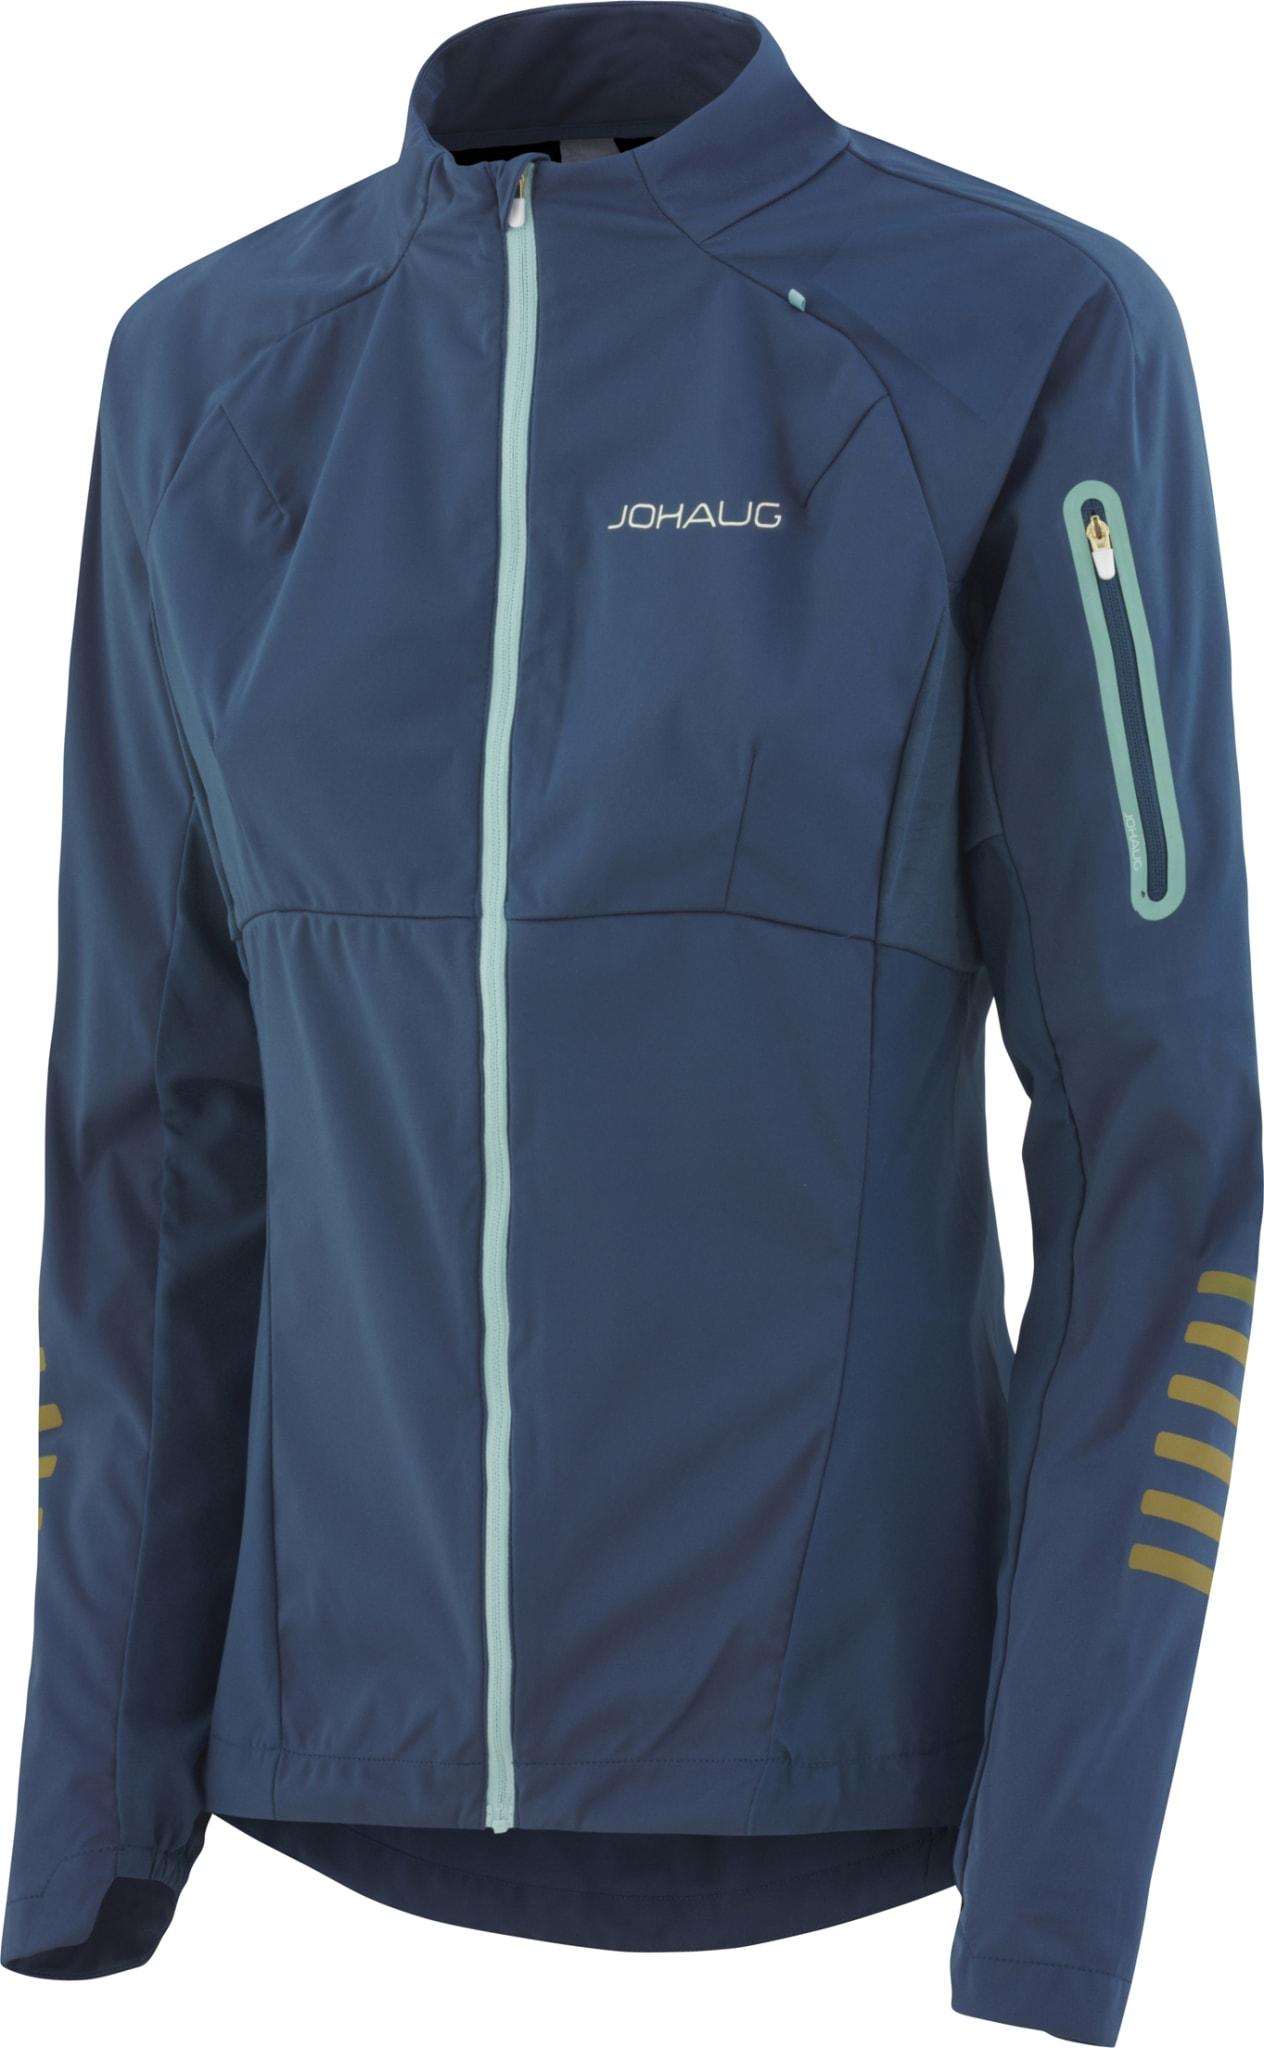 8d094b46 Superlett løpejakke for kjøligere vår- og sommerdager. Johaug. Discipline  Jacket